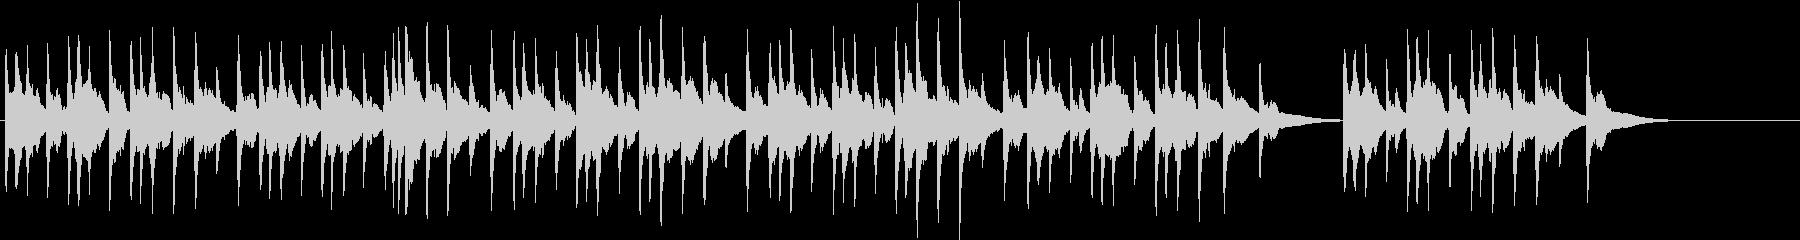 メヌエット オルゴール クラシックの未再生の波形